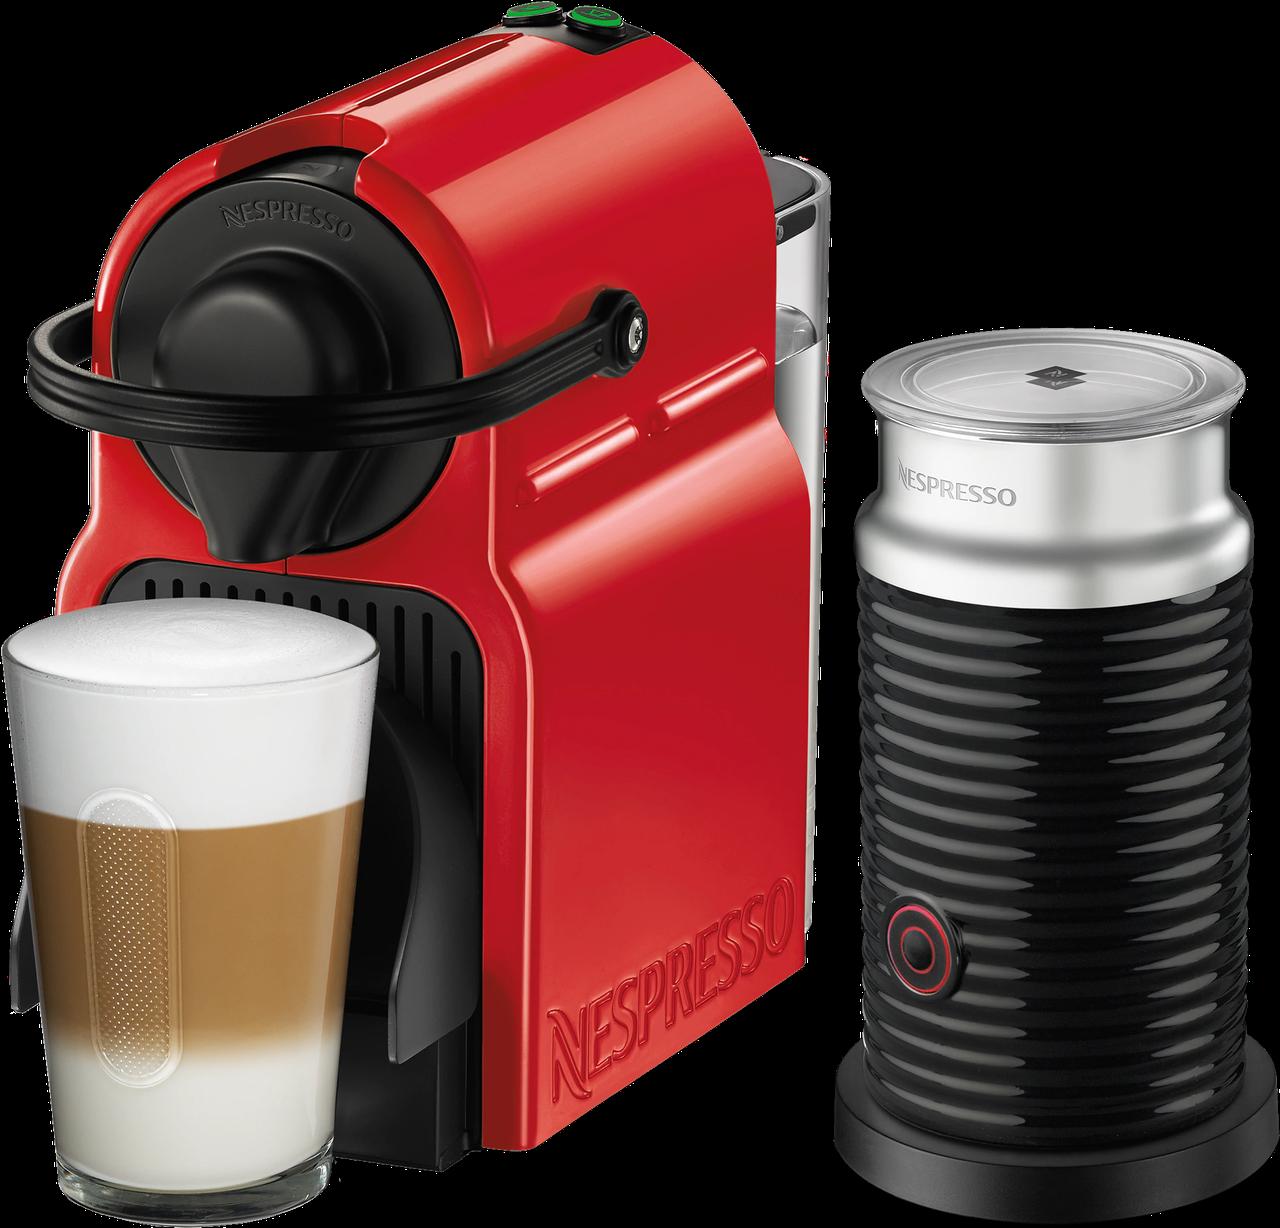 Кофемашина Nespresso Inissia Red D40 & Aeroccino 3 Black + доставка бесплат+дегустационный набор (14 капсул)